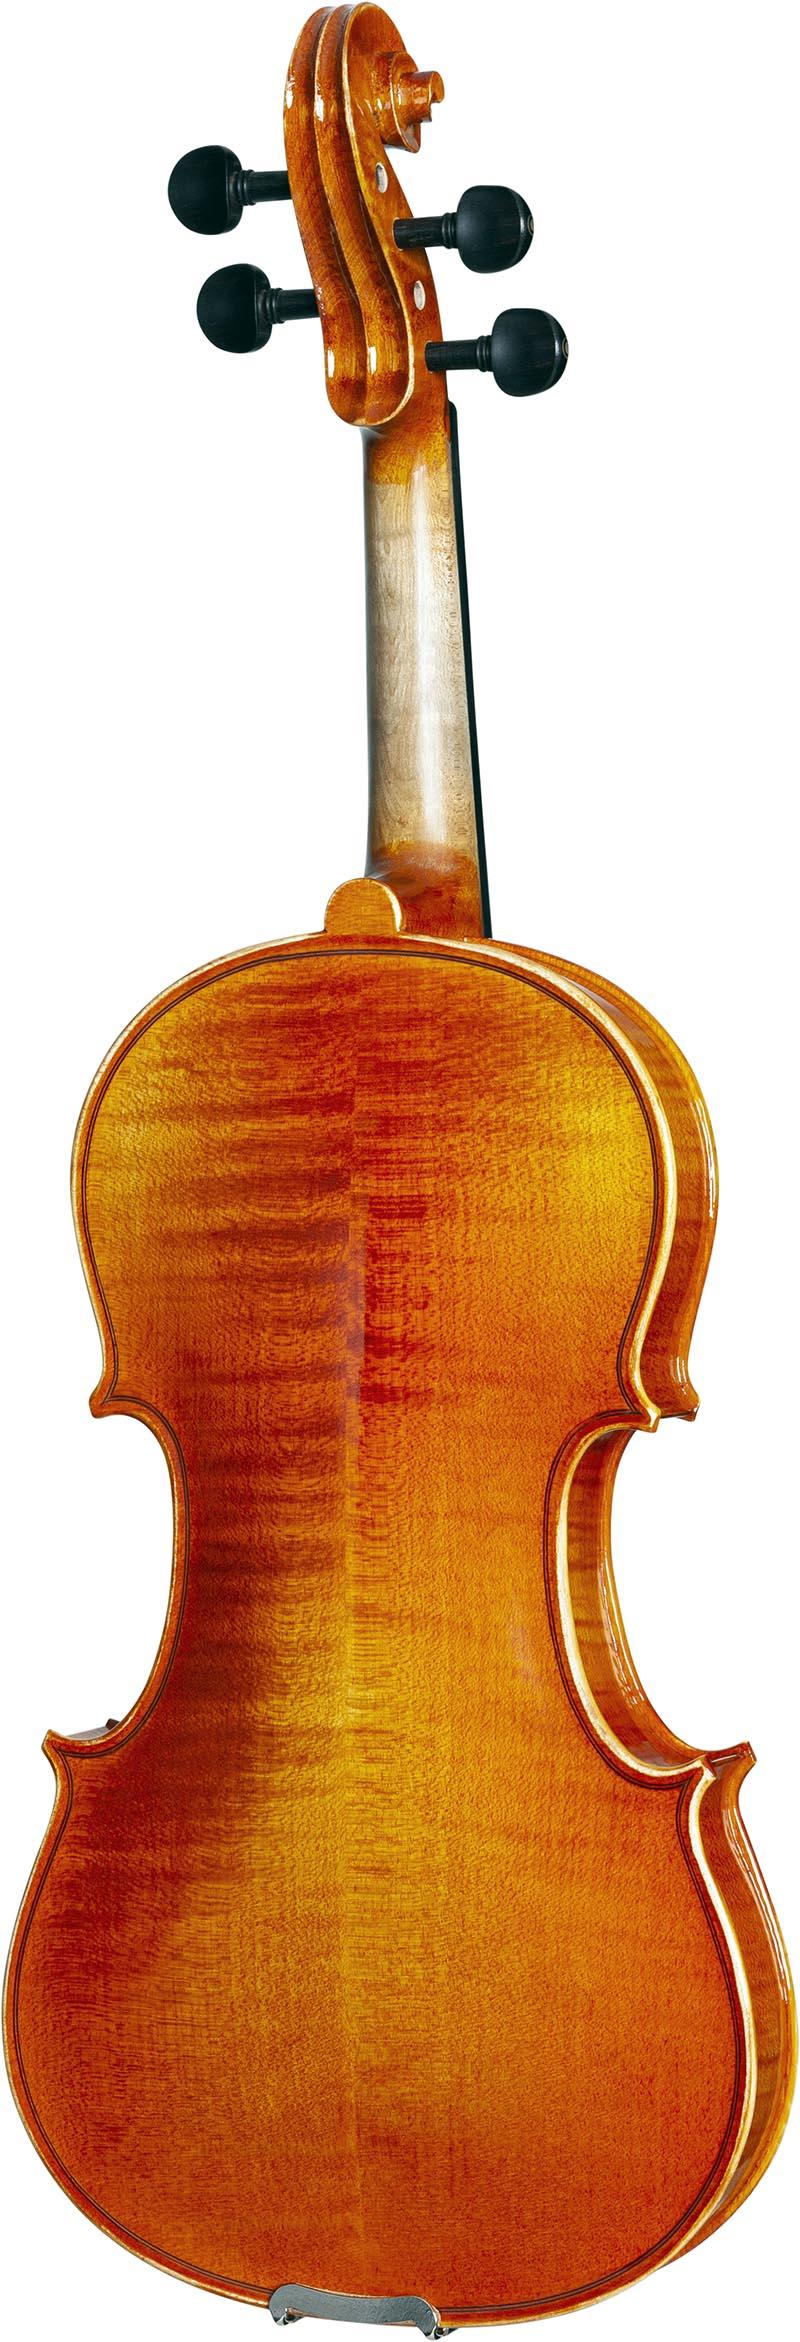 ve145 violino eagle ve145 visao posterior vertical